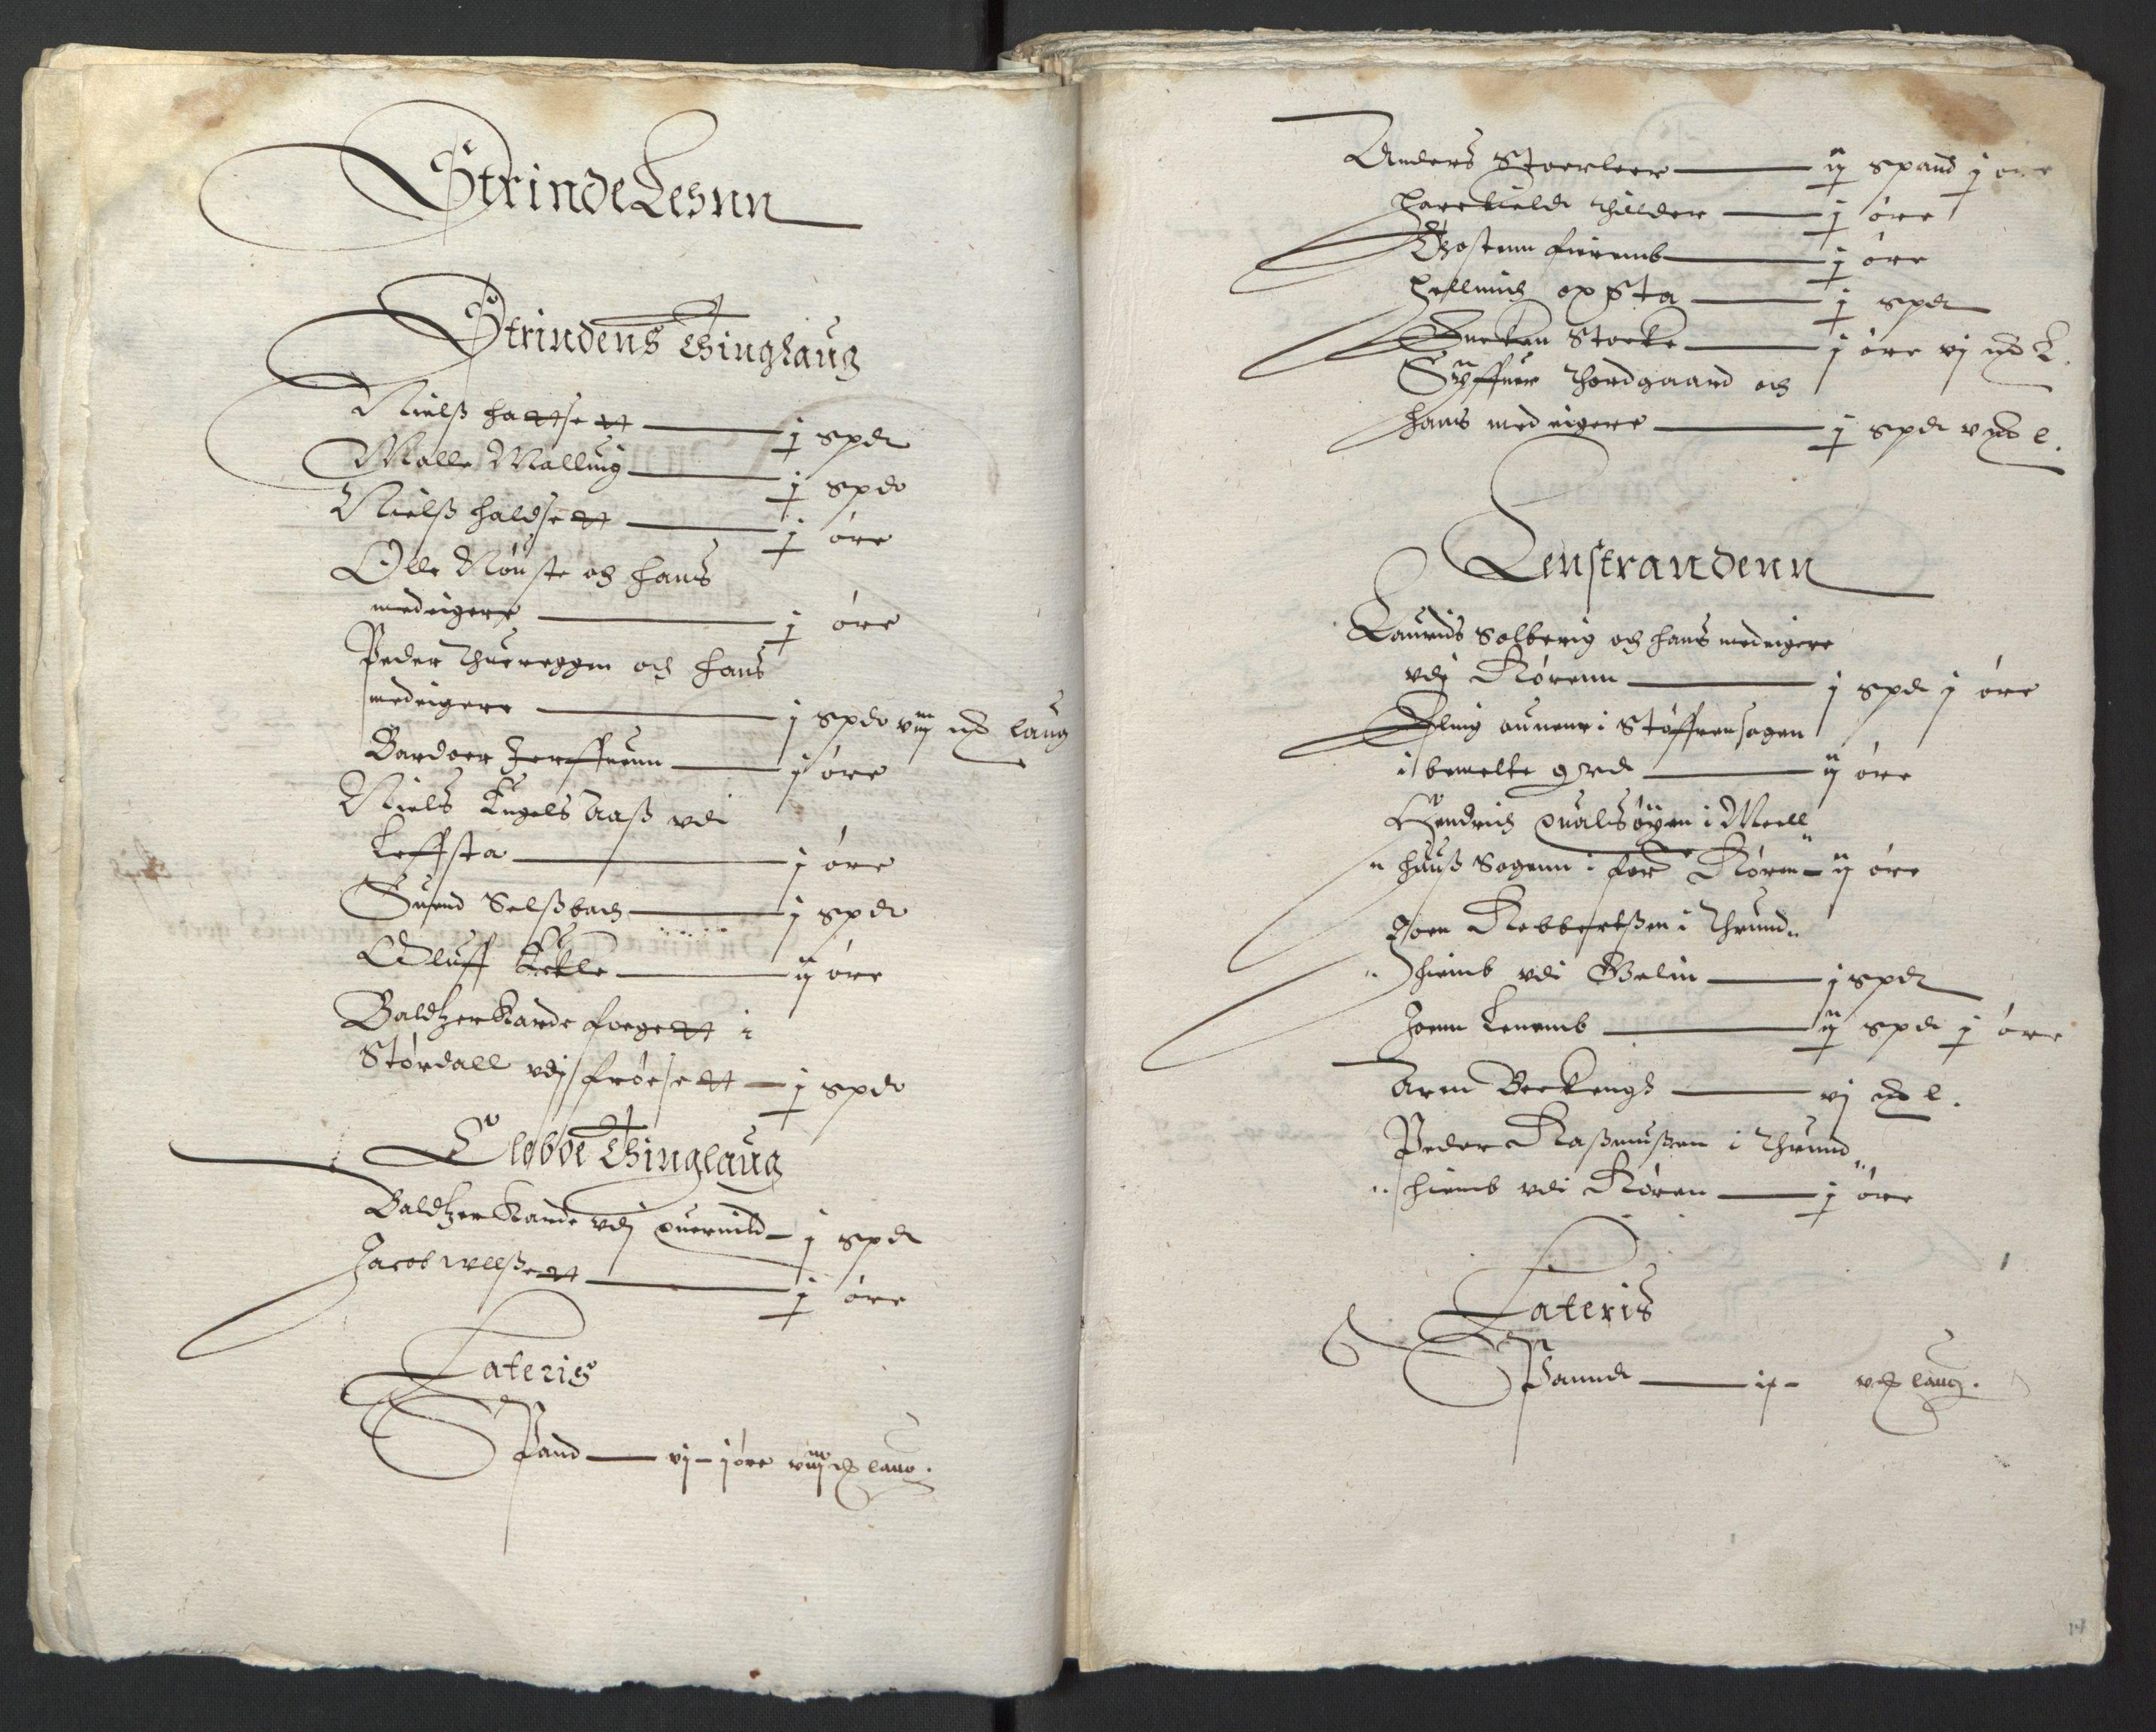 RA, Stattholderembetet 1572-1771, Ek/L0013: Jordebøker til utlikning av rosstjeneste 1624-1626:, 1624-1625, s. 17